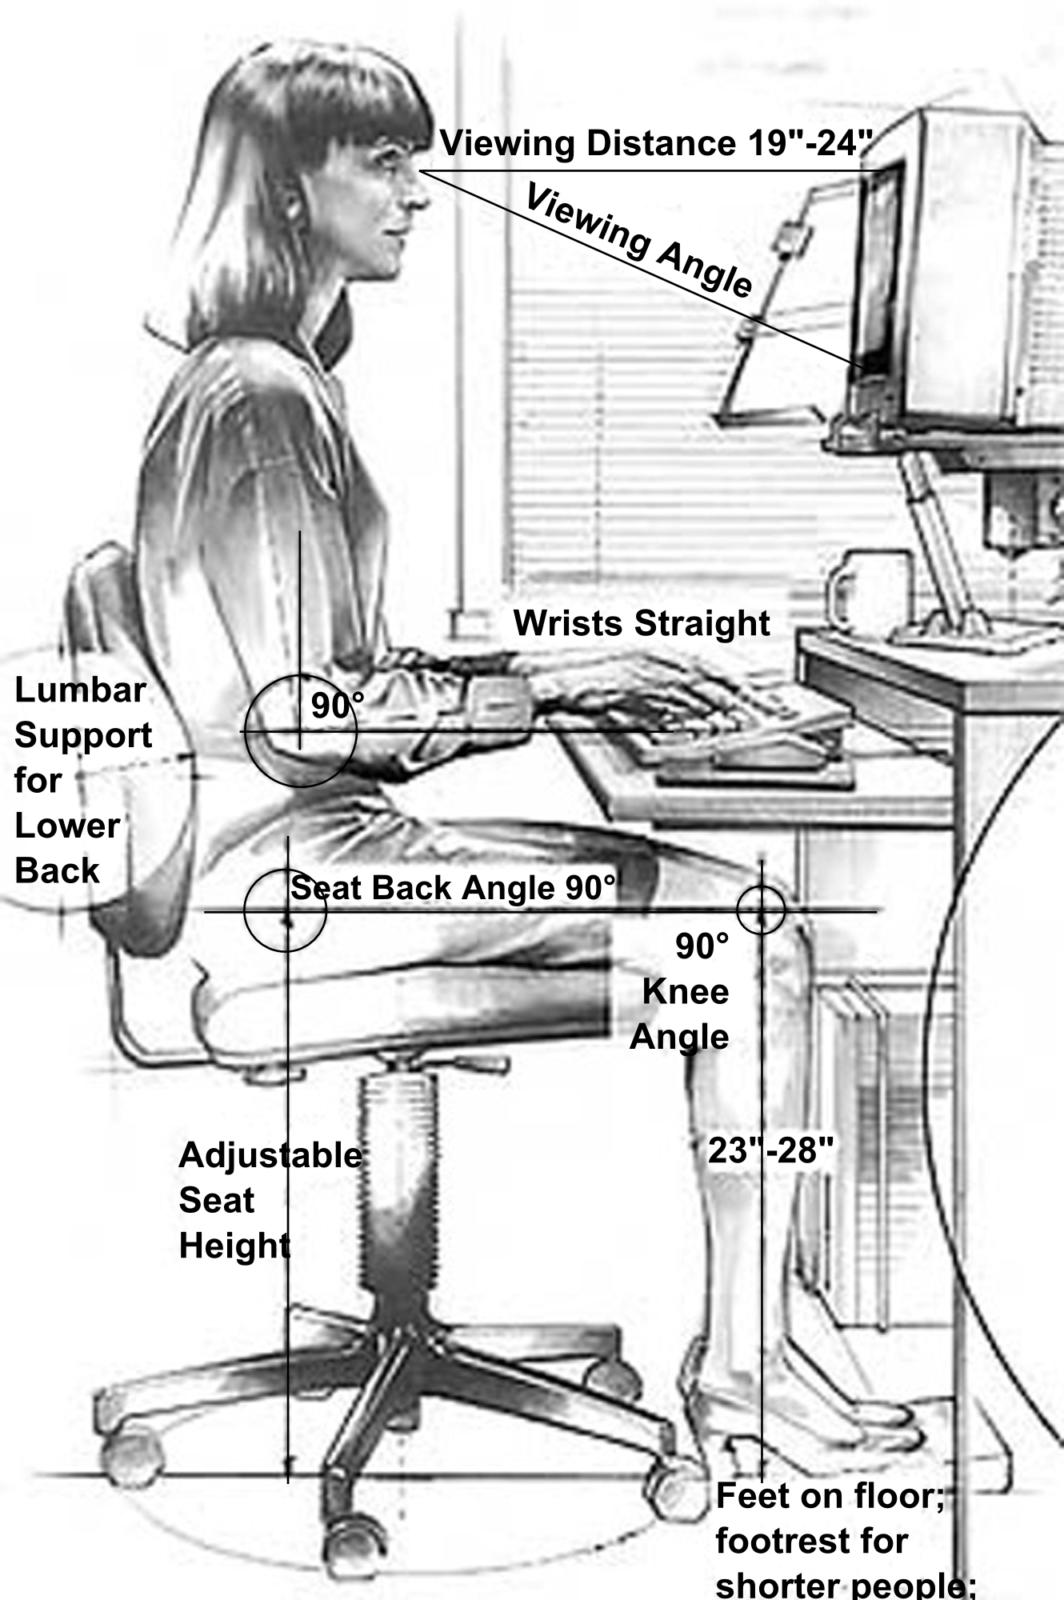 Correct posture at workstation